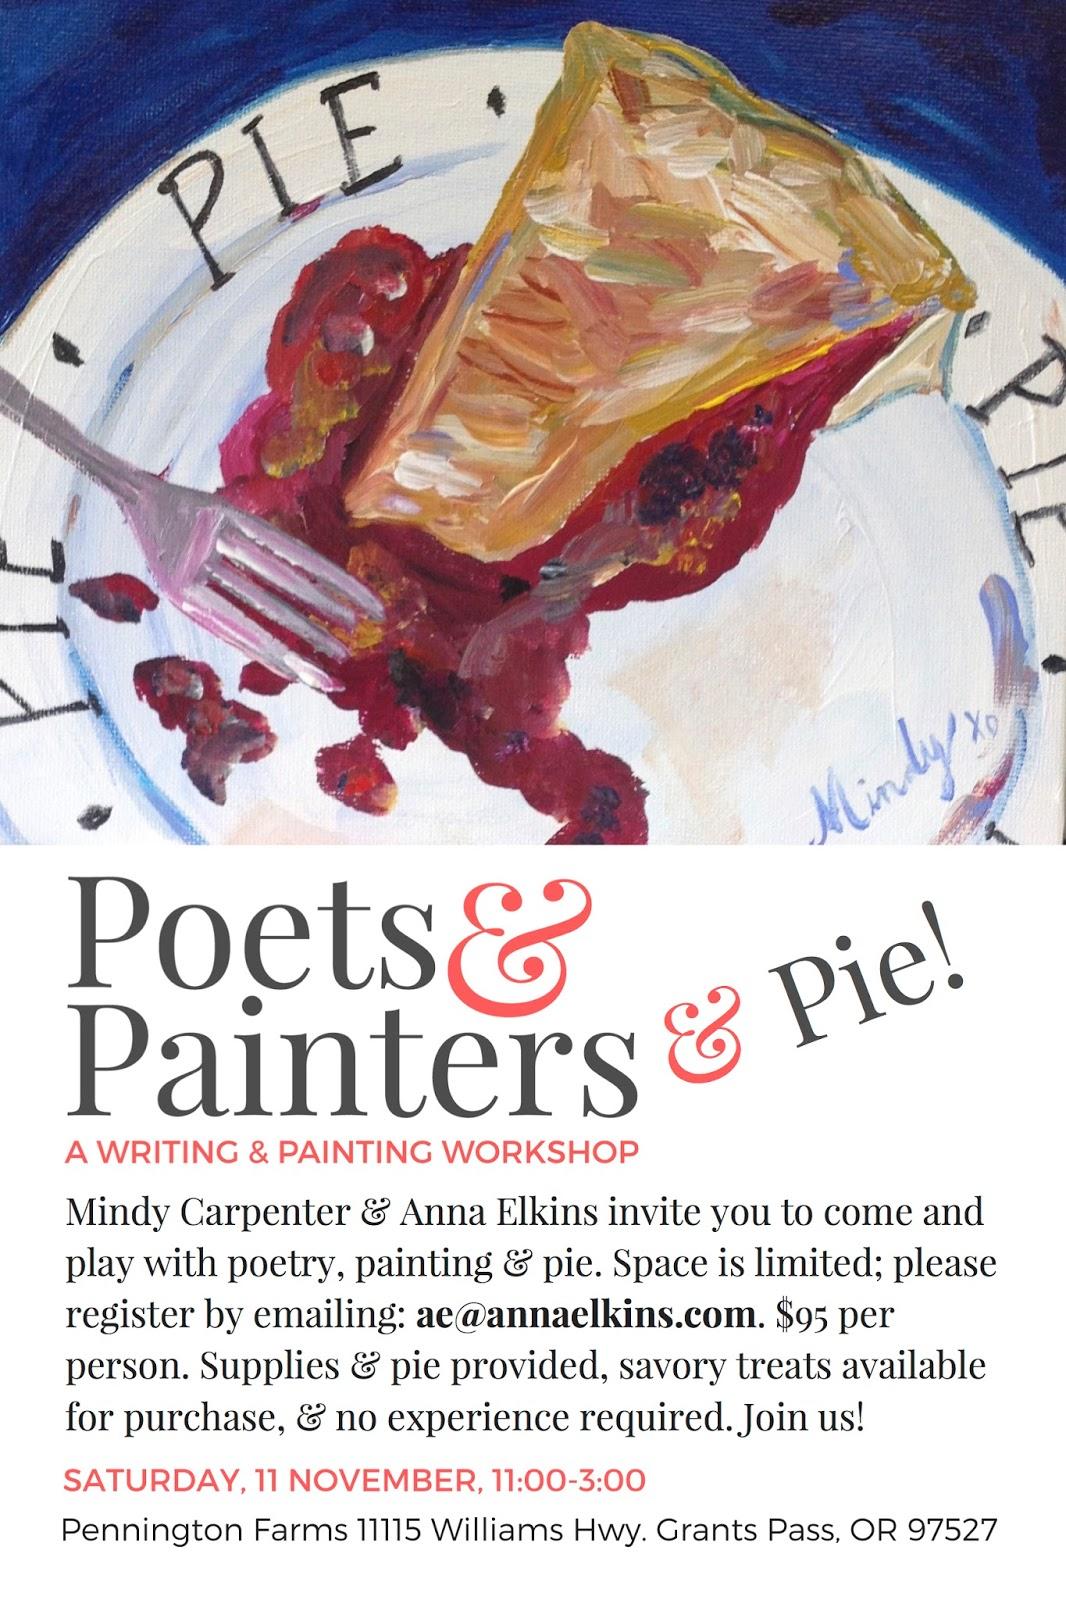 Poets & Painters (& Pie!)